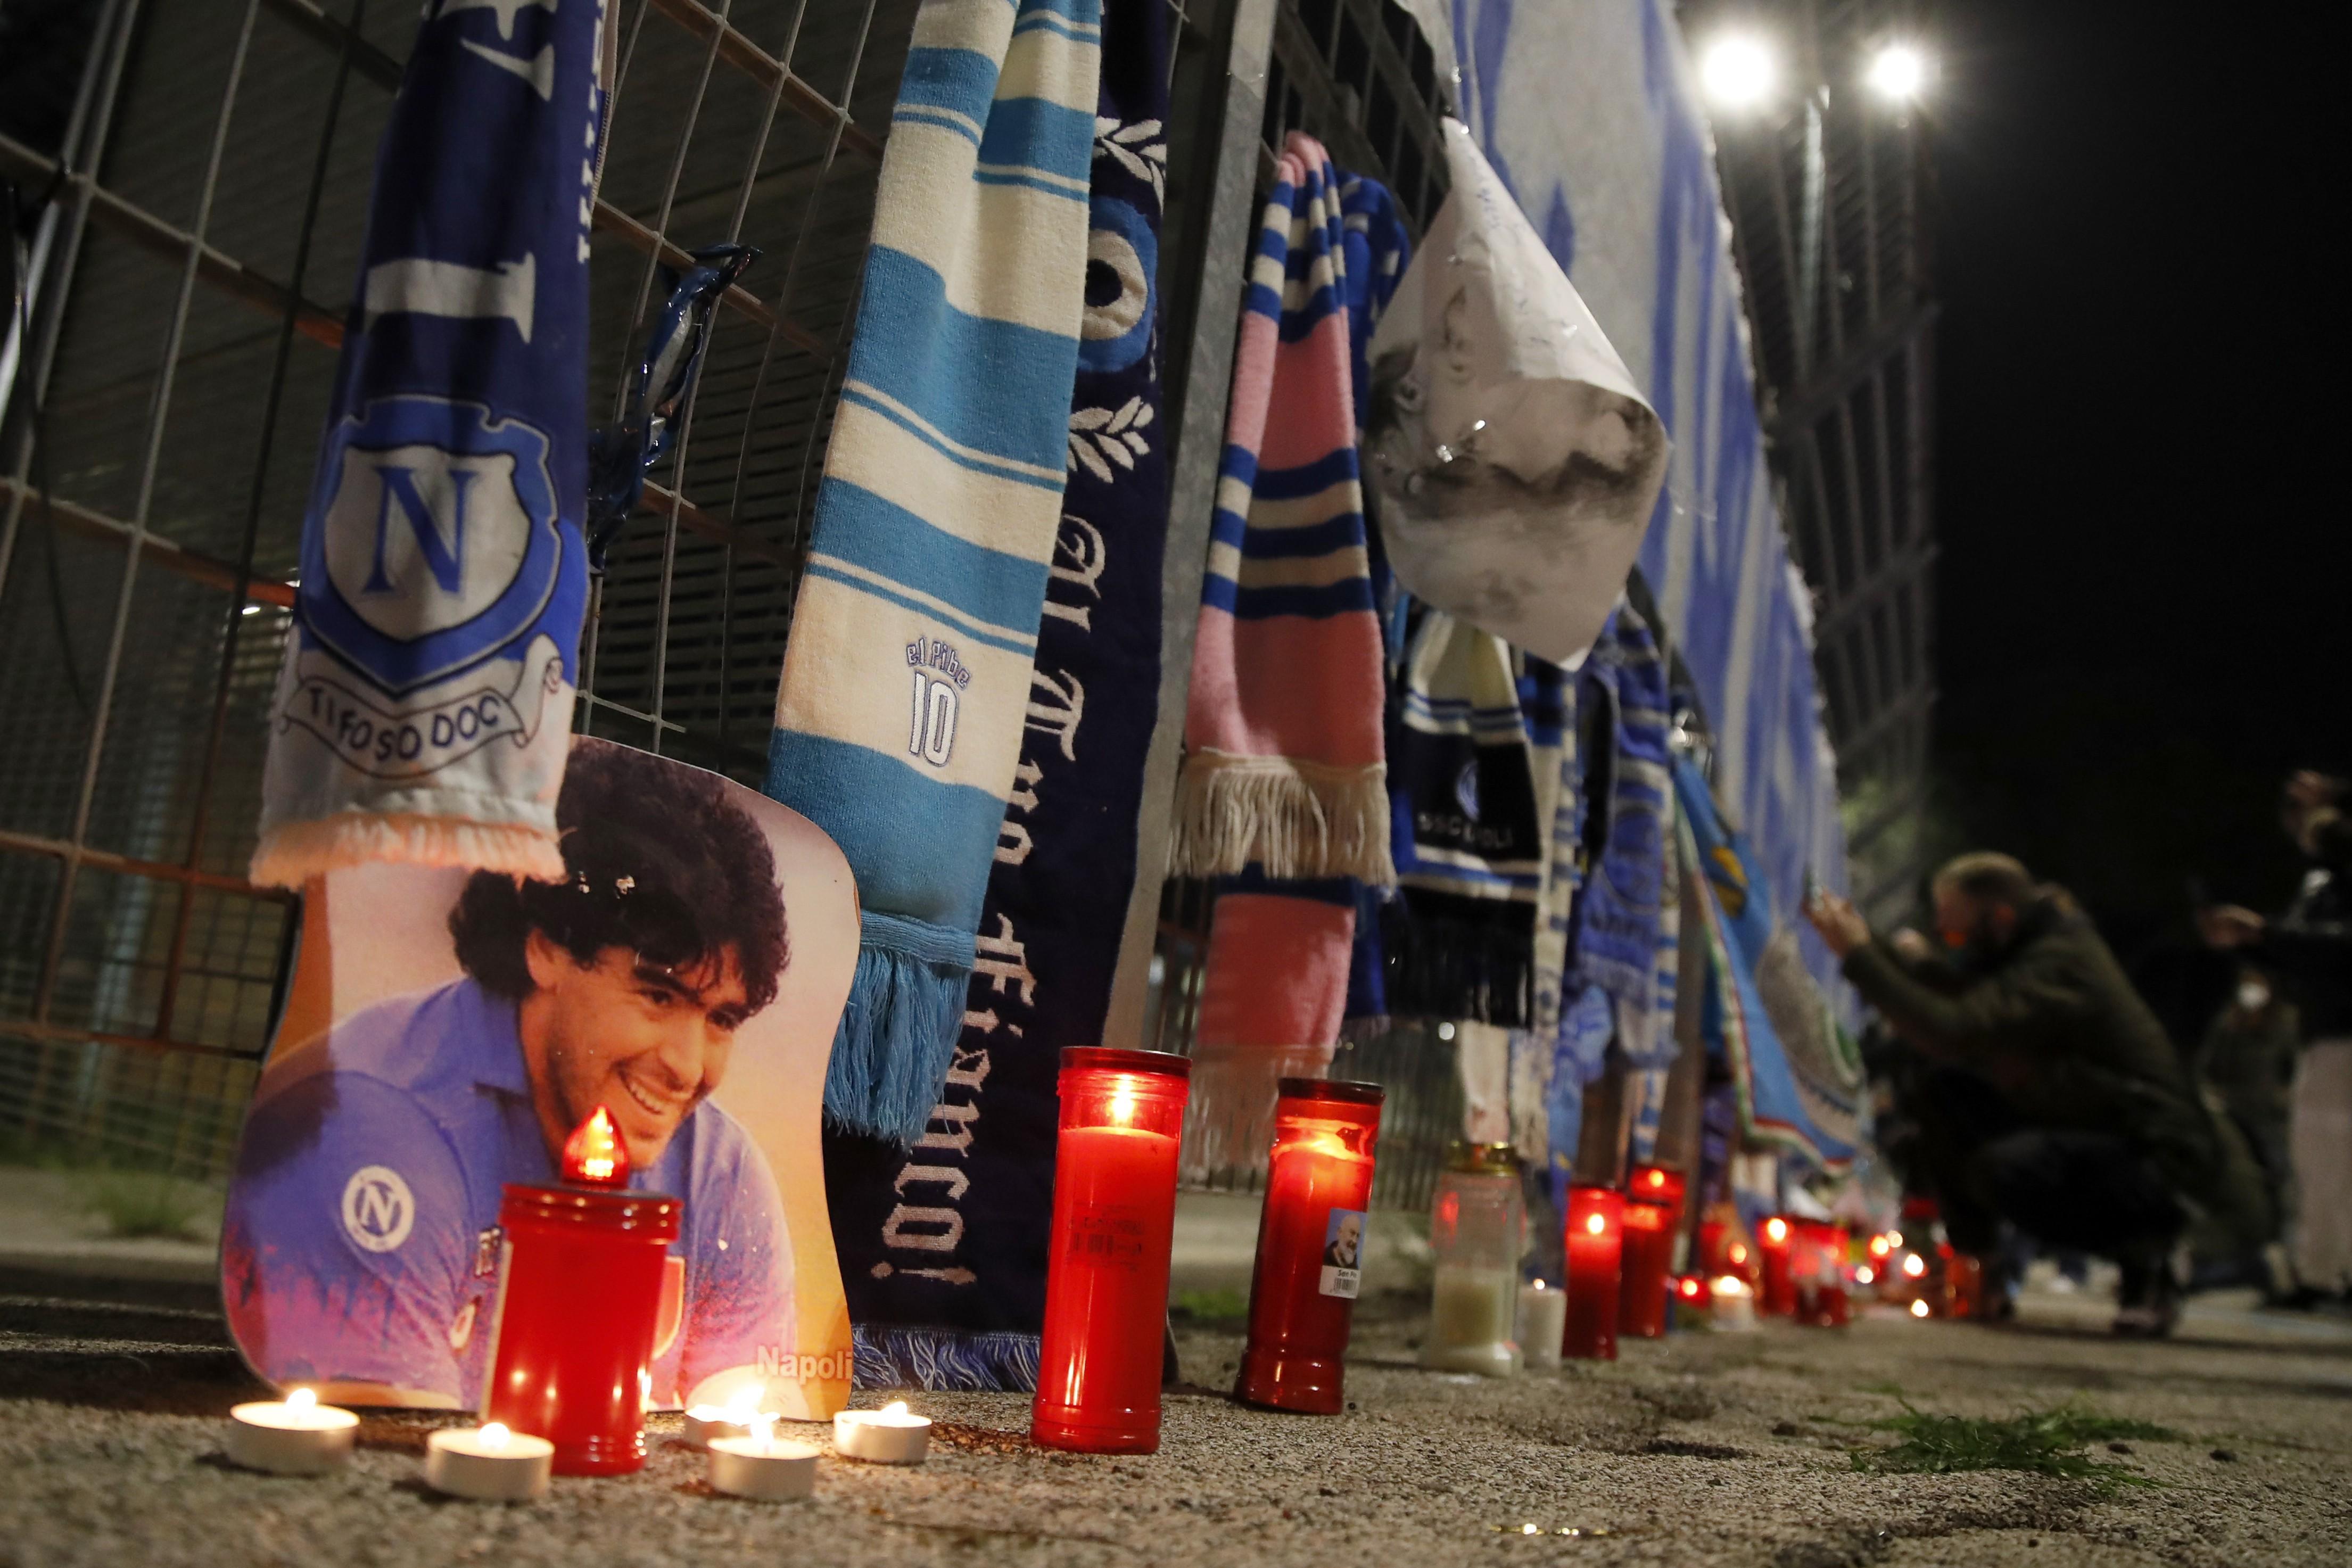 Buenos Aires, Nápoles, Sevilha, Munique: veja homenagens a Maradona pelo mundo